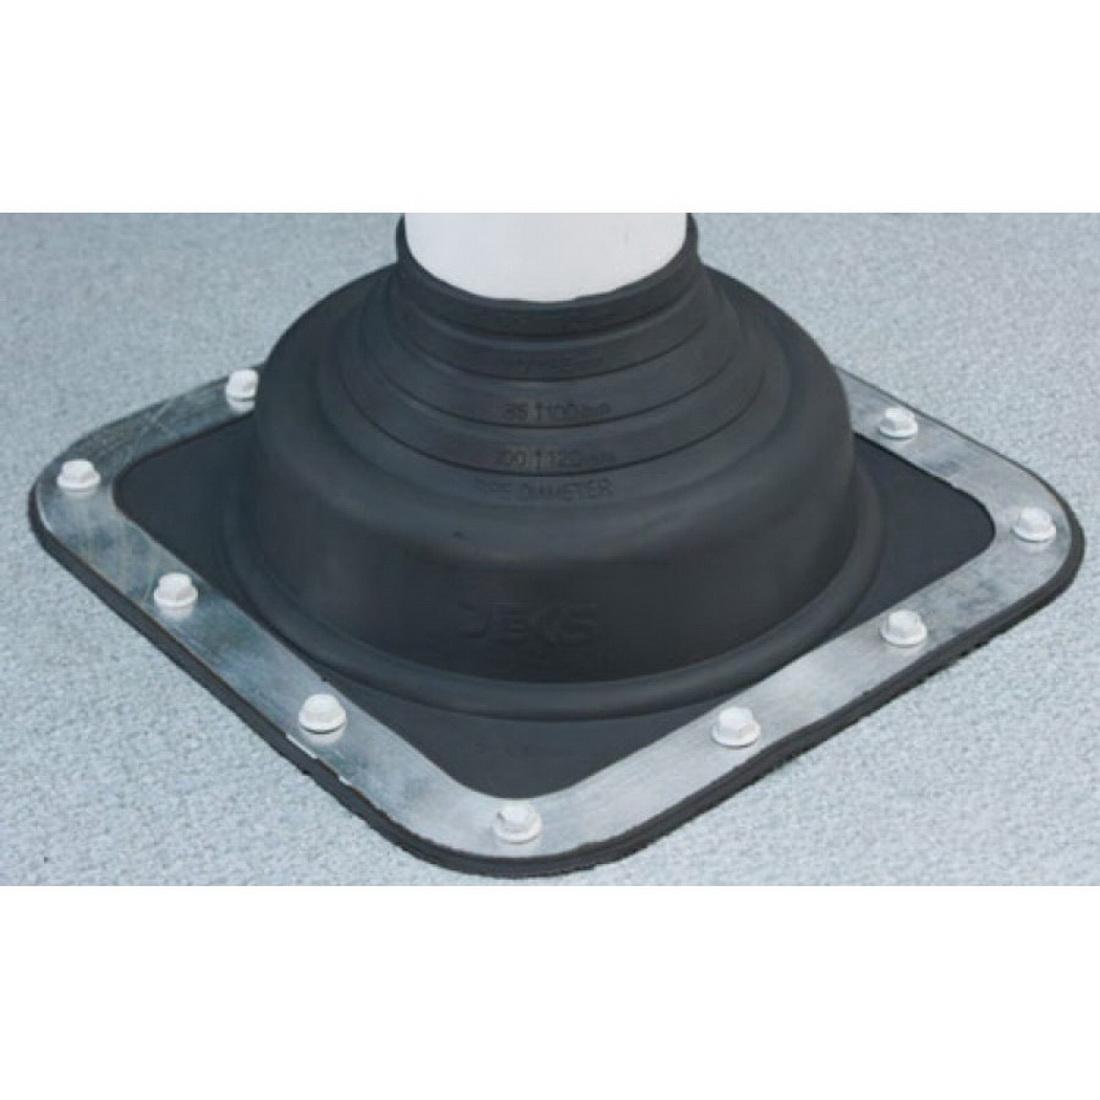 Neo Roof Flash Black 363 x 36mm DFE106B